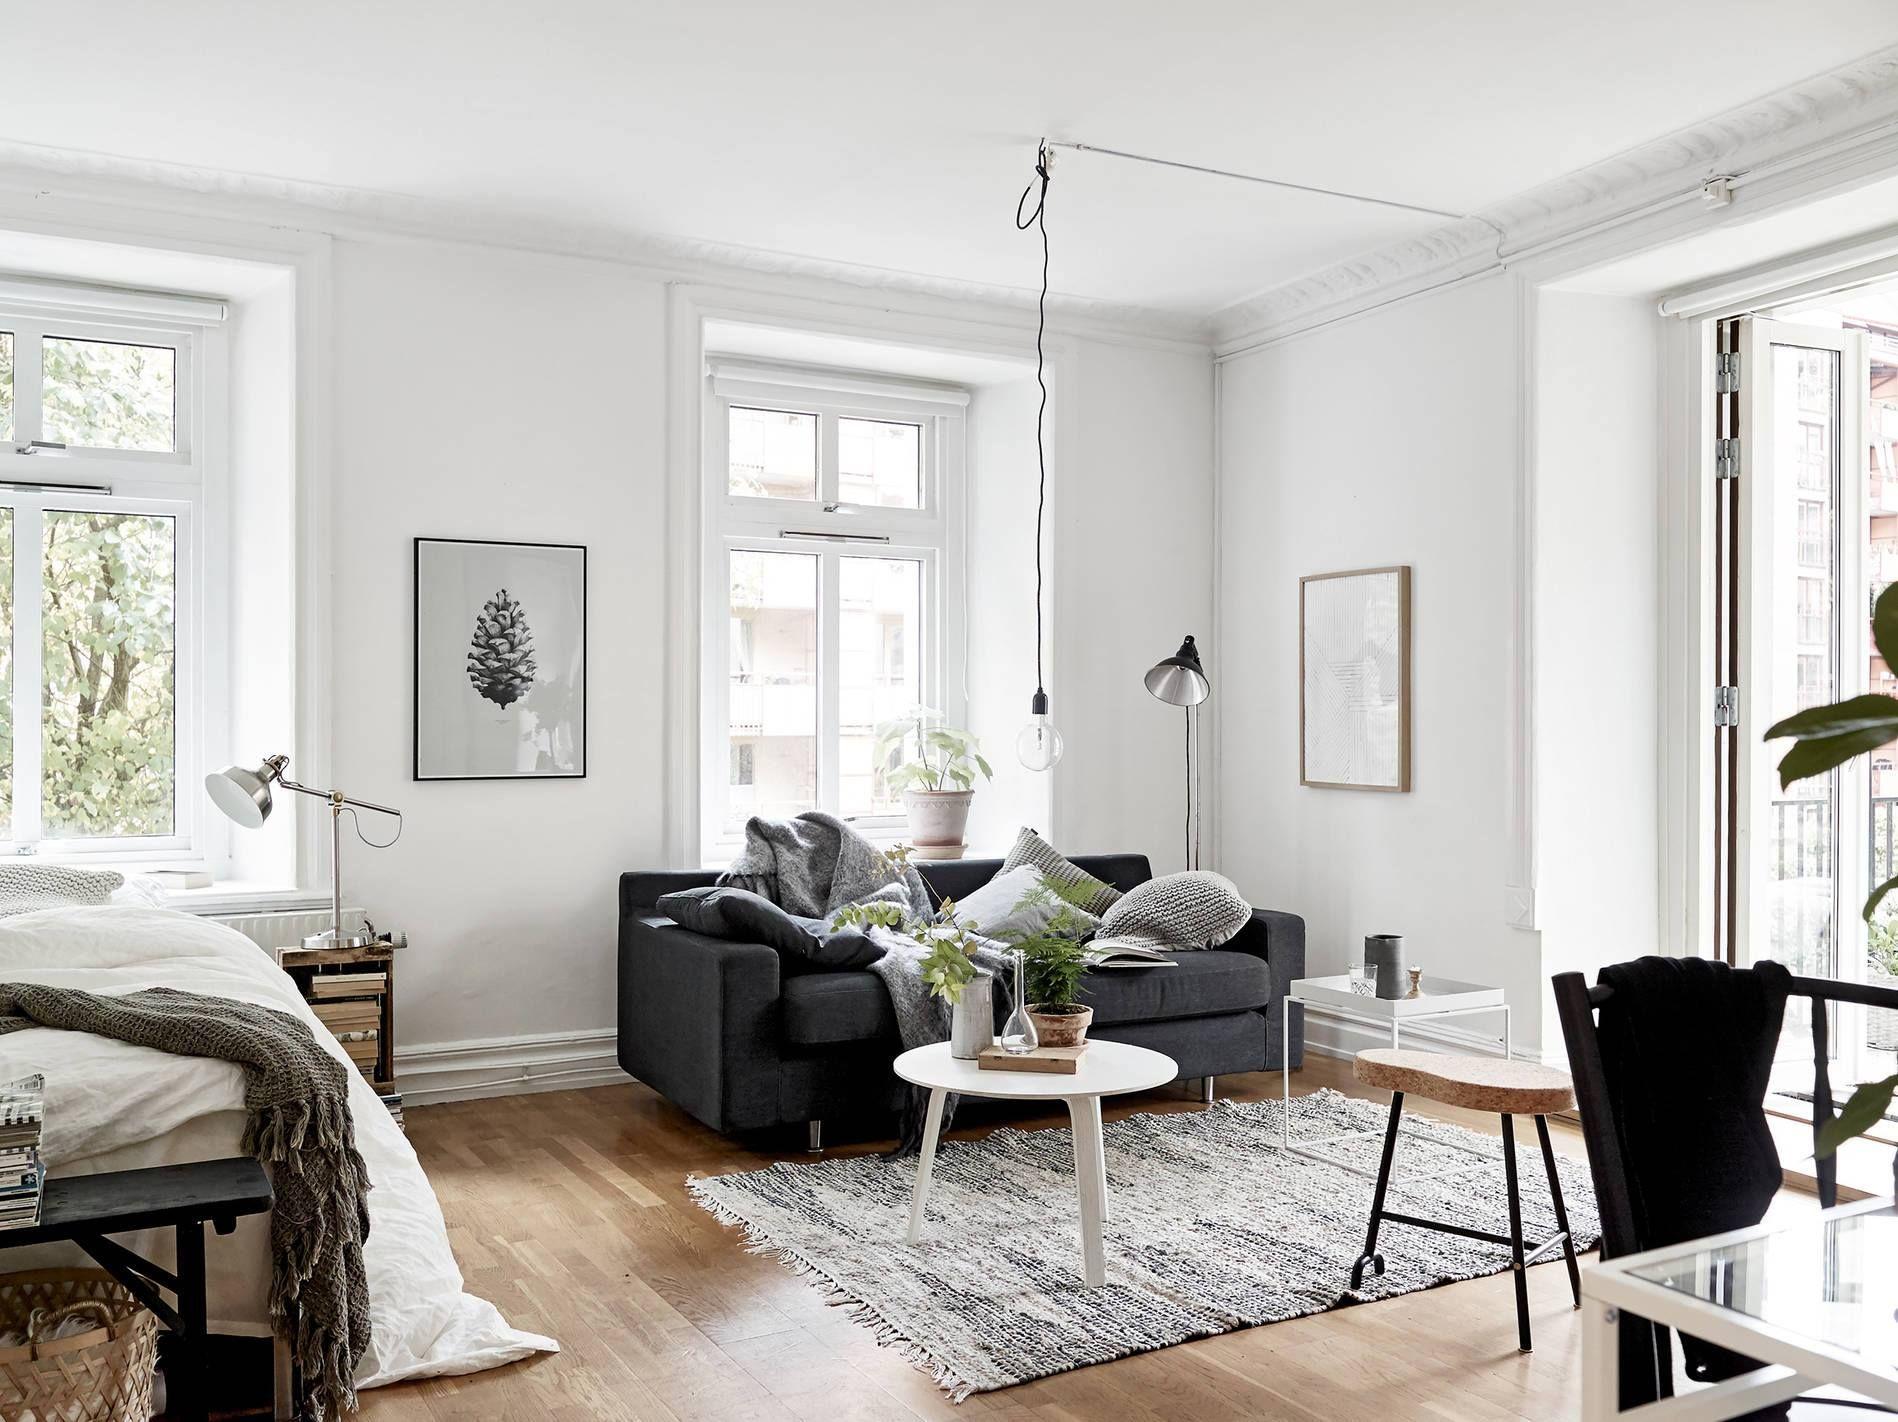 schlafzimmer und wohnzimmer in perfekter harmonie die farben wei schwarz sind einfach f r. Black Bedroom Furniture Sets. Home Design Ideas